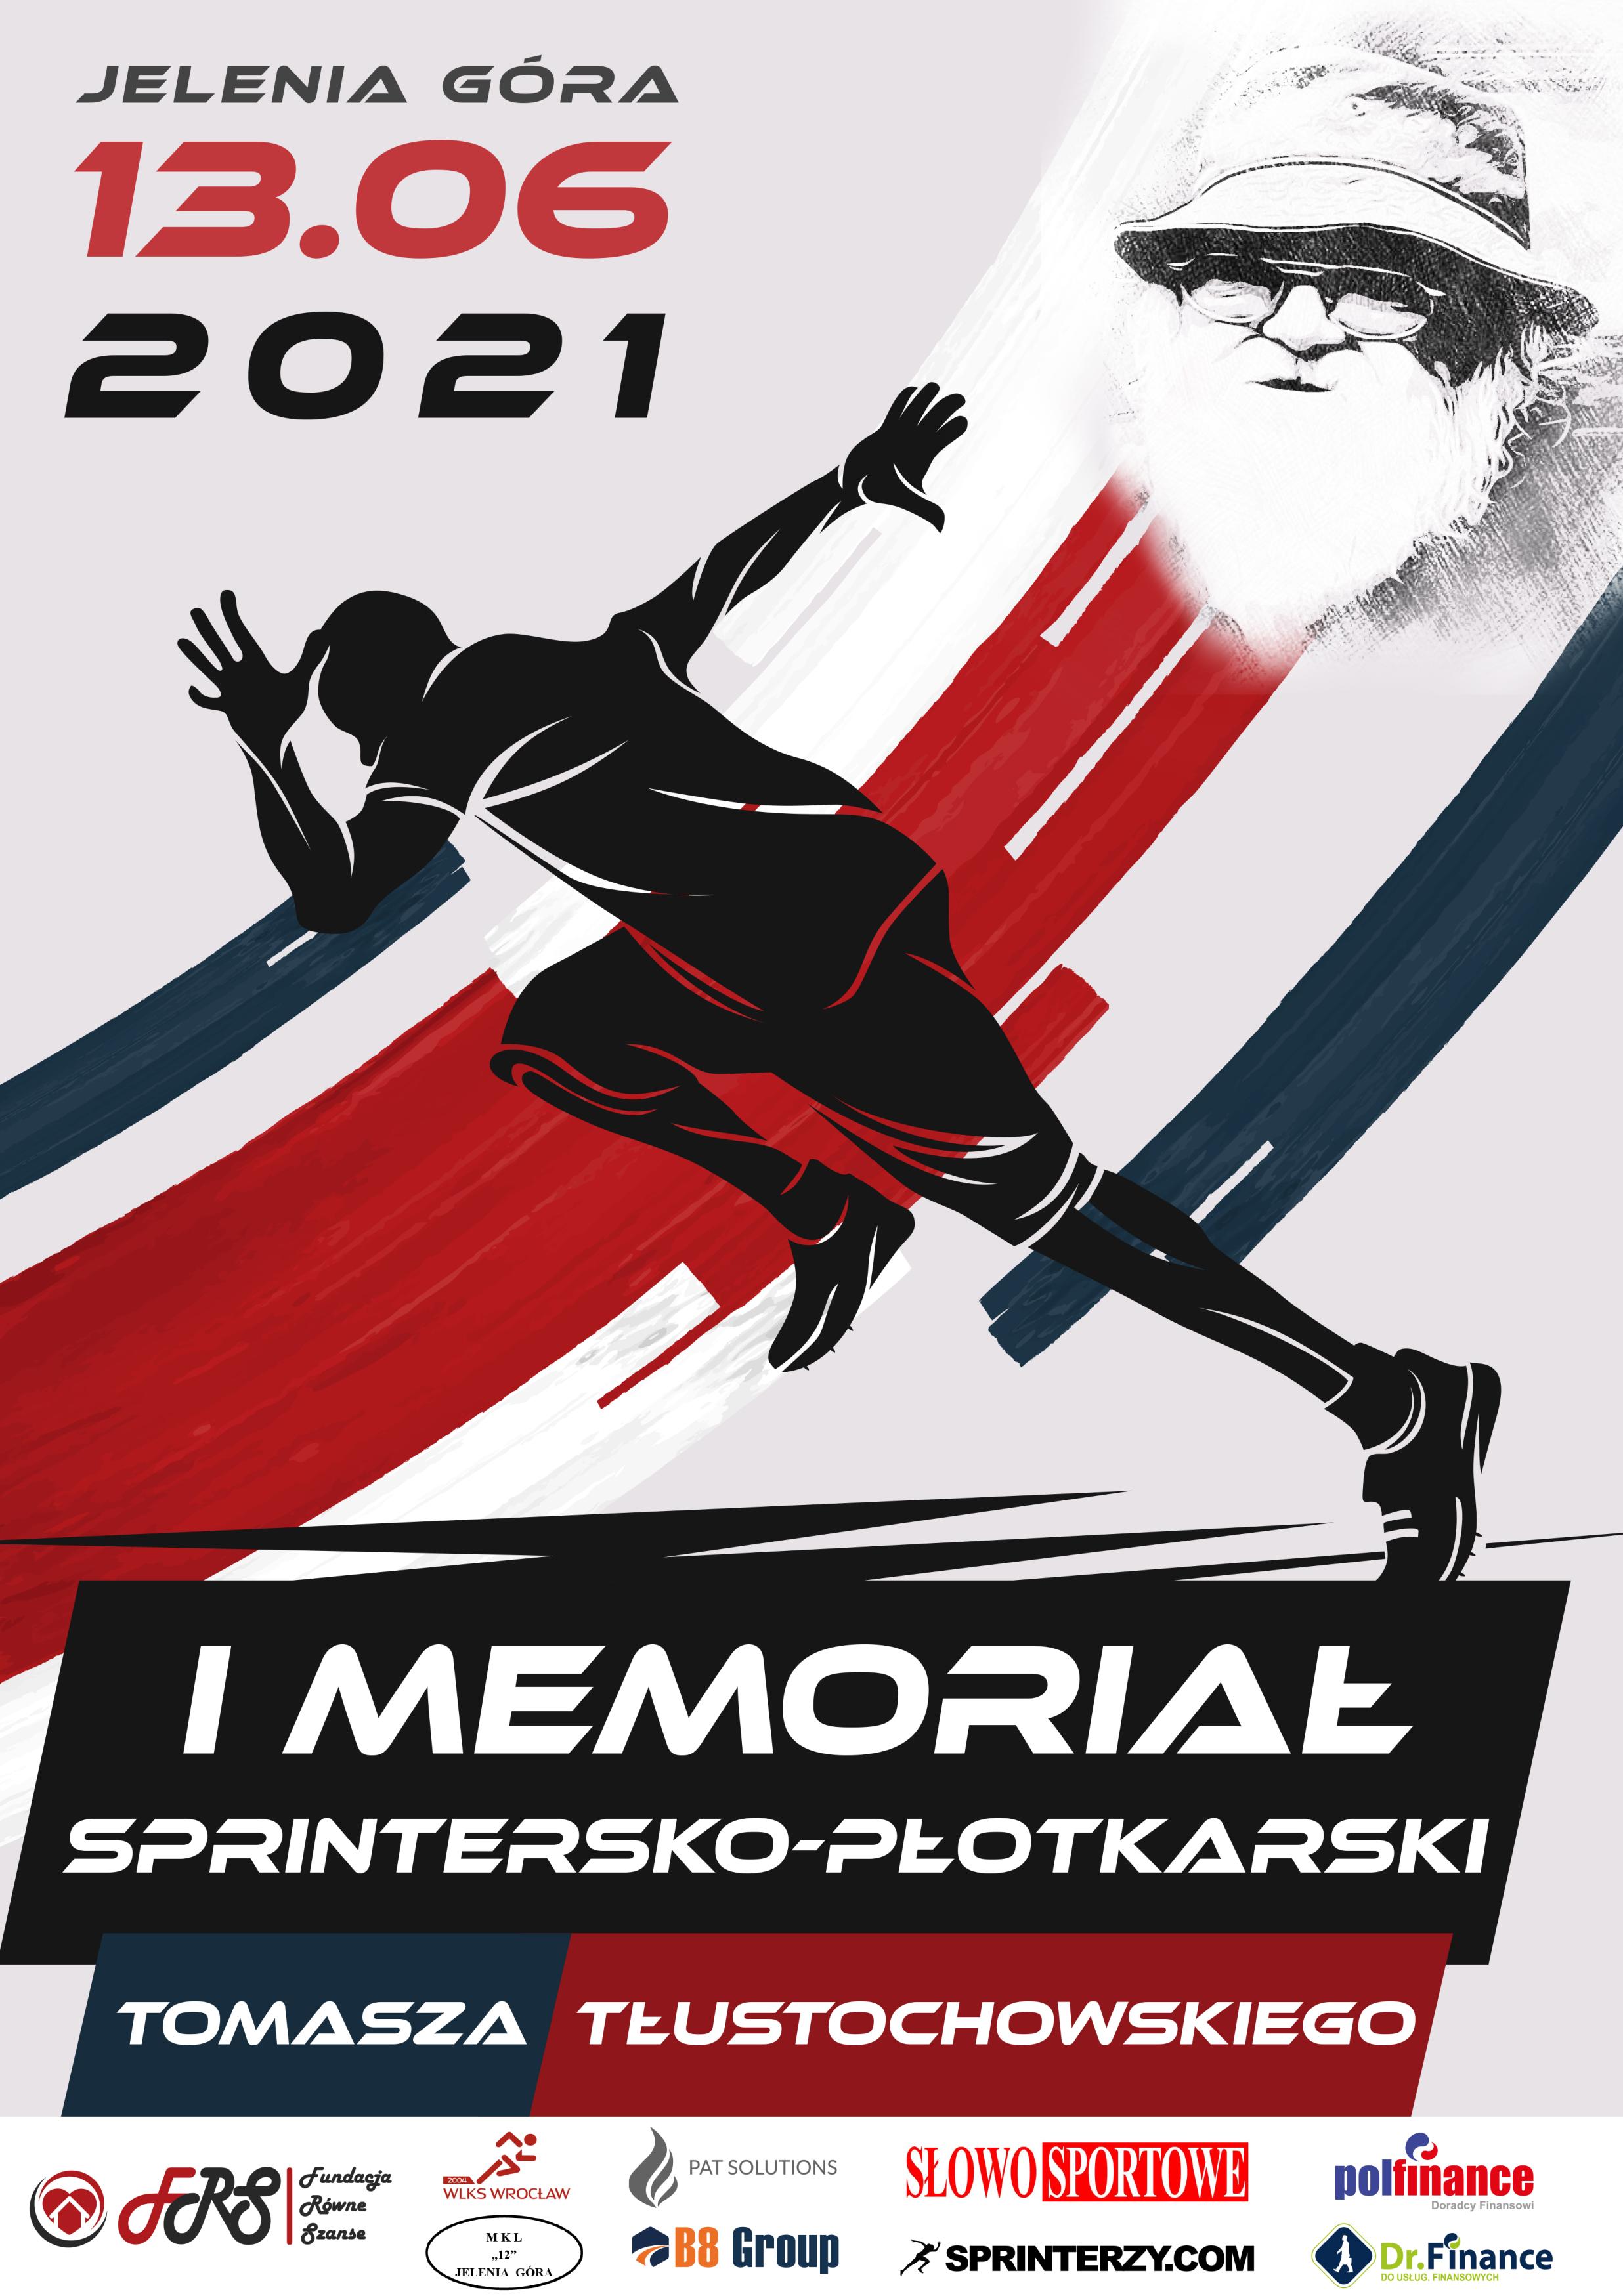 Memoriał Tłustochowskiego 13.06.2021